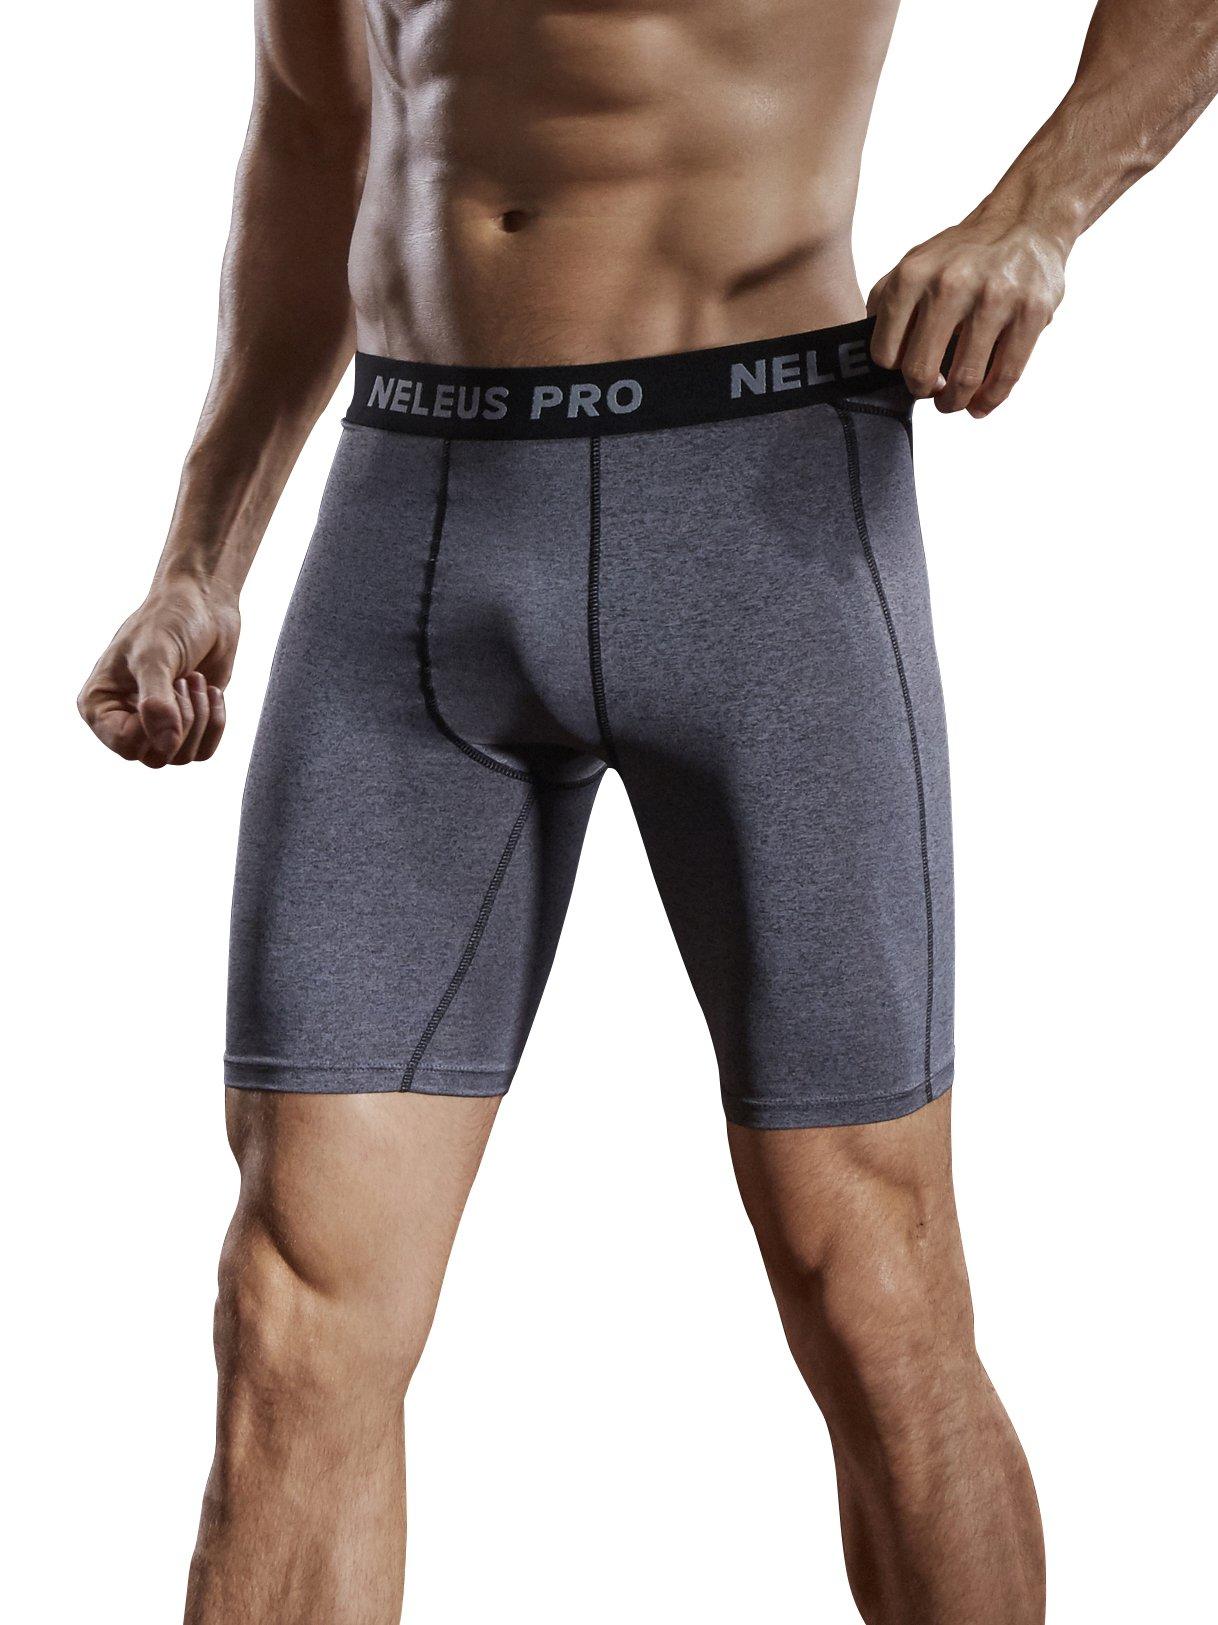 Neleus Men's 3 Pack Compression Short,047,Grey,US S,EU M by Neleus (Image #5)